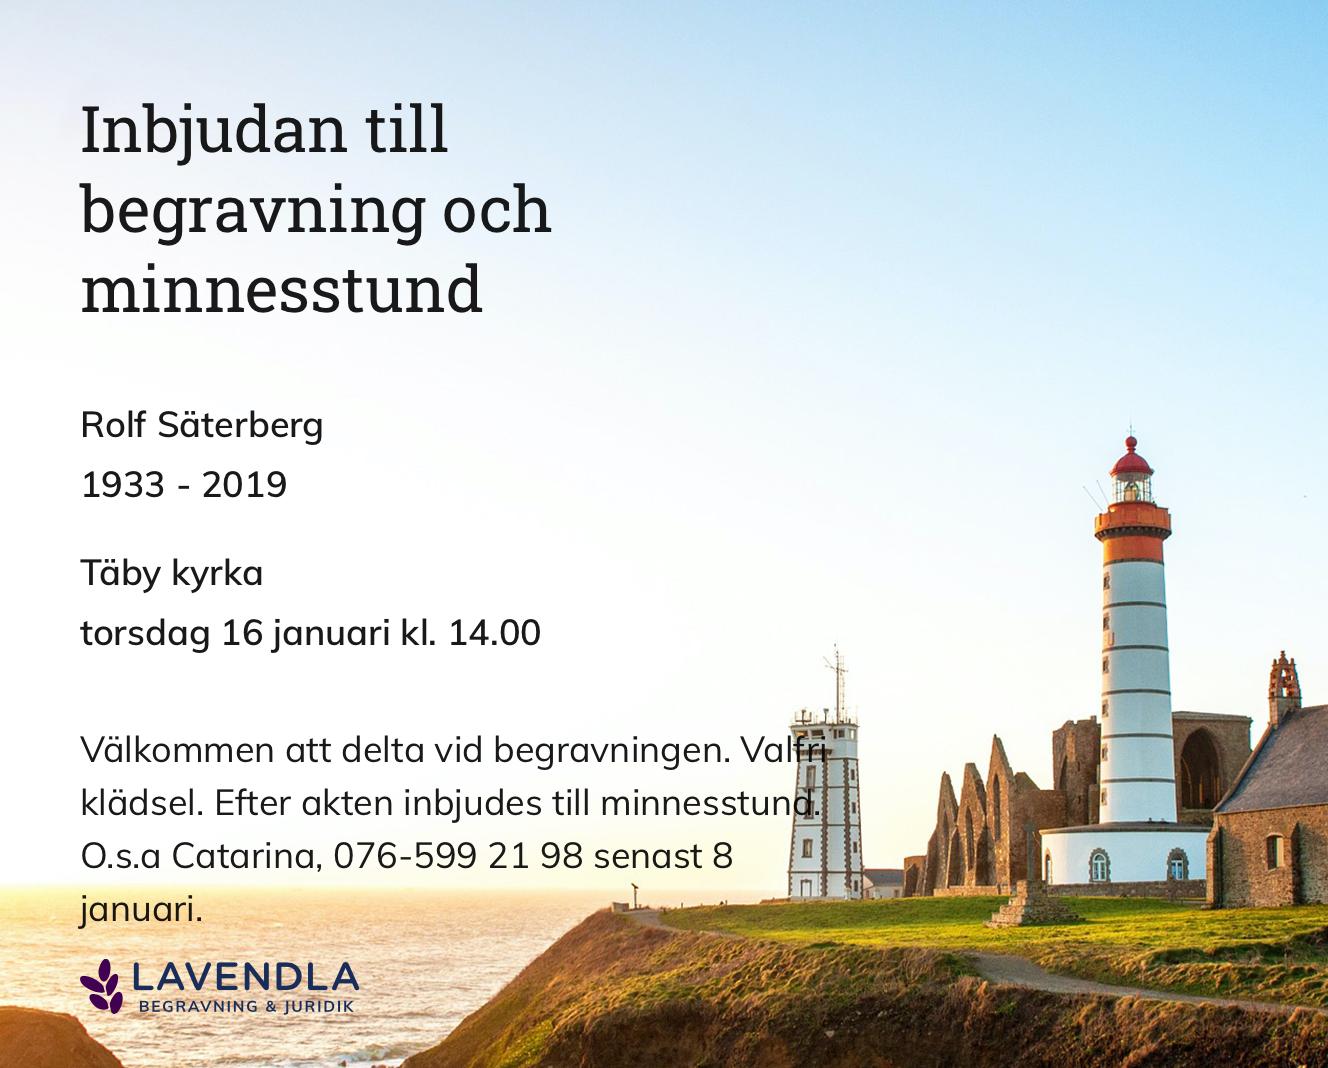 Inbjudningskort till ceremonin för Rolf Säterberg